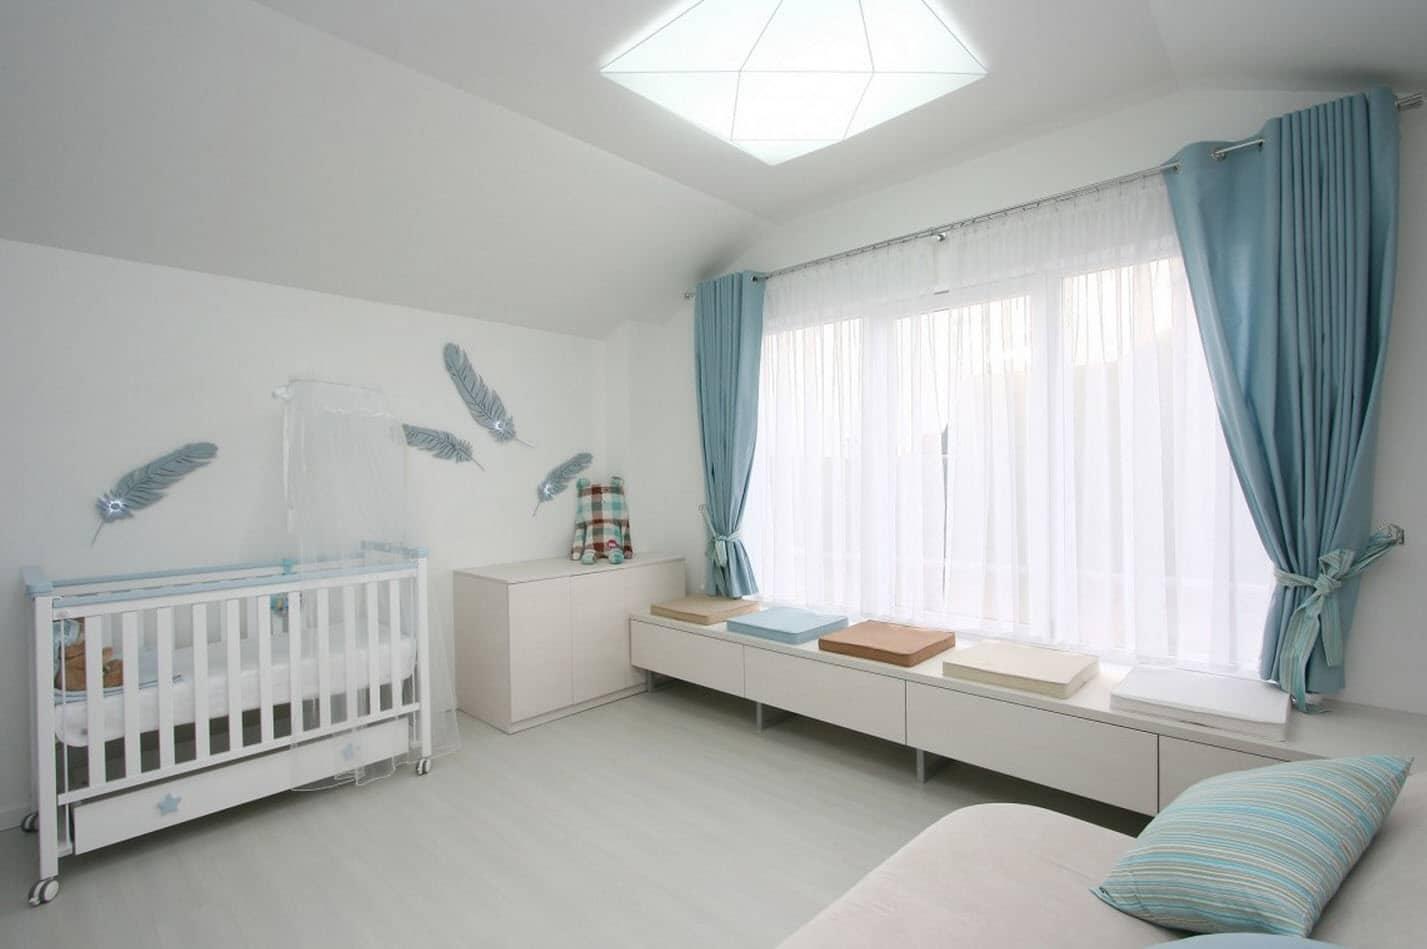 Dise o dormitorio bebe casa dise o for Dormitorio ninos diseno